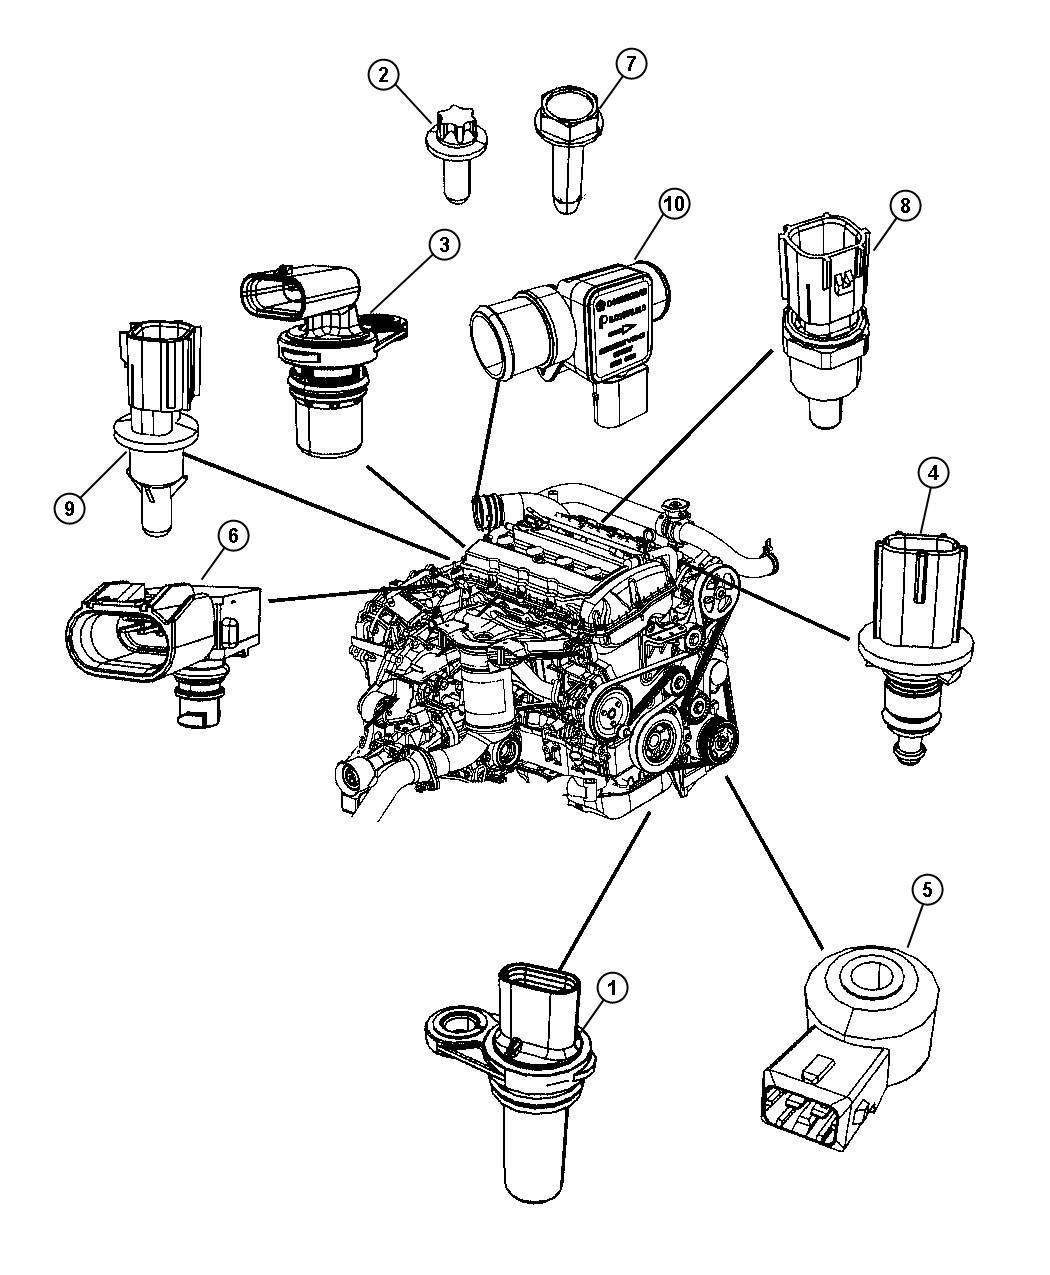 Dodge ram temperature sensor location